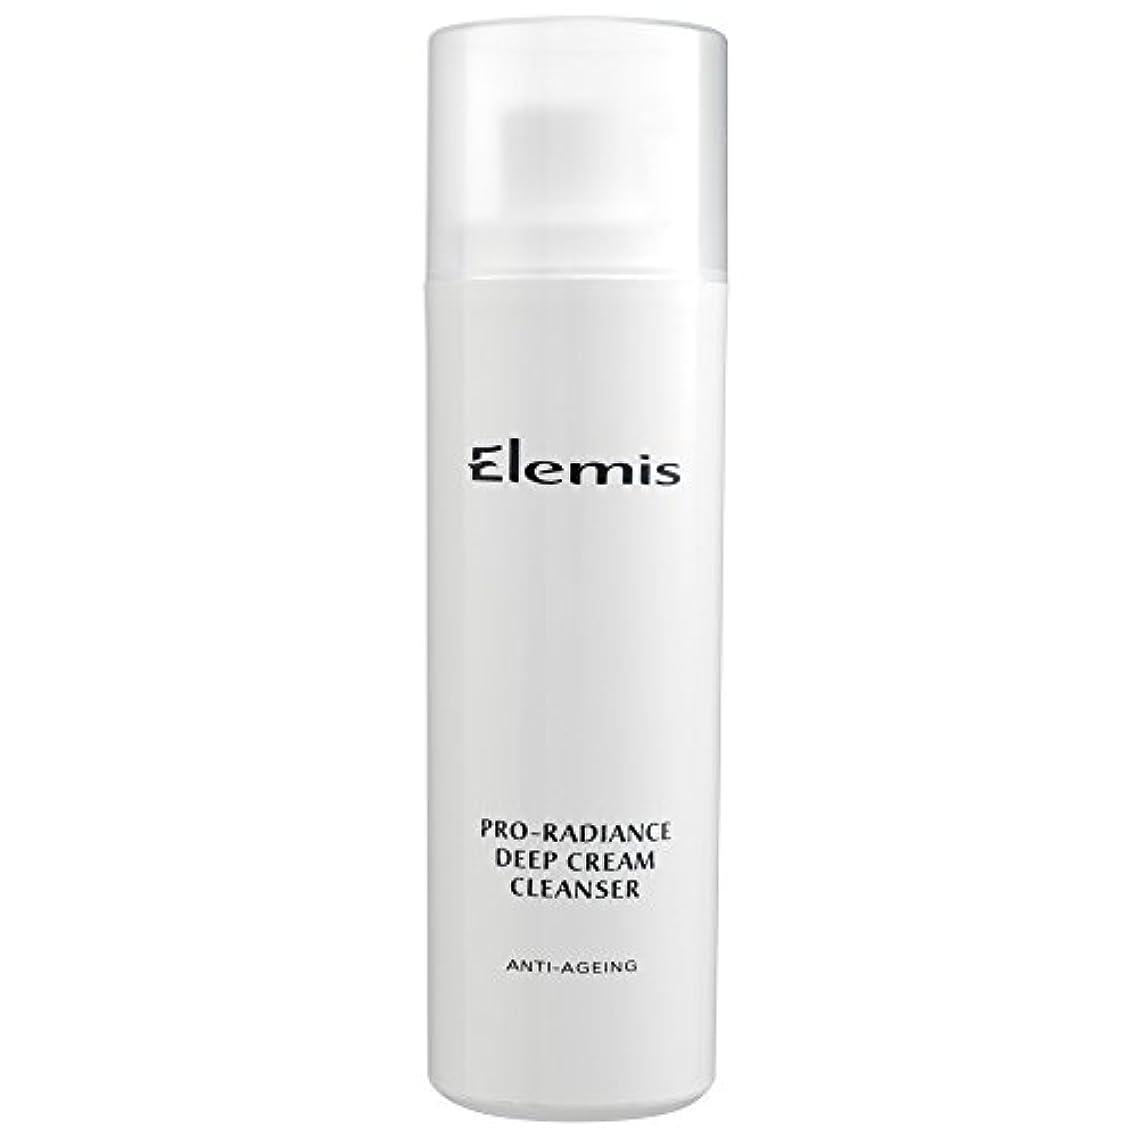 罰する分子強調エレミスプロ輝きクリームクレンザー、150ミリリットル (Elemis) (x6) - Elemis Pro-Radiance Cream Cleanser, 150ml (Pack of 6) [並行輸入品]